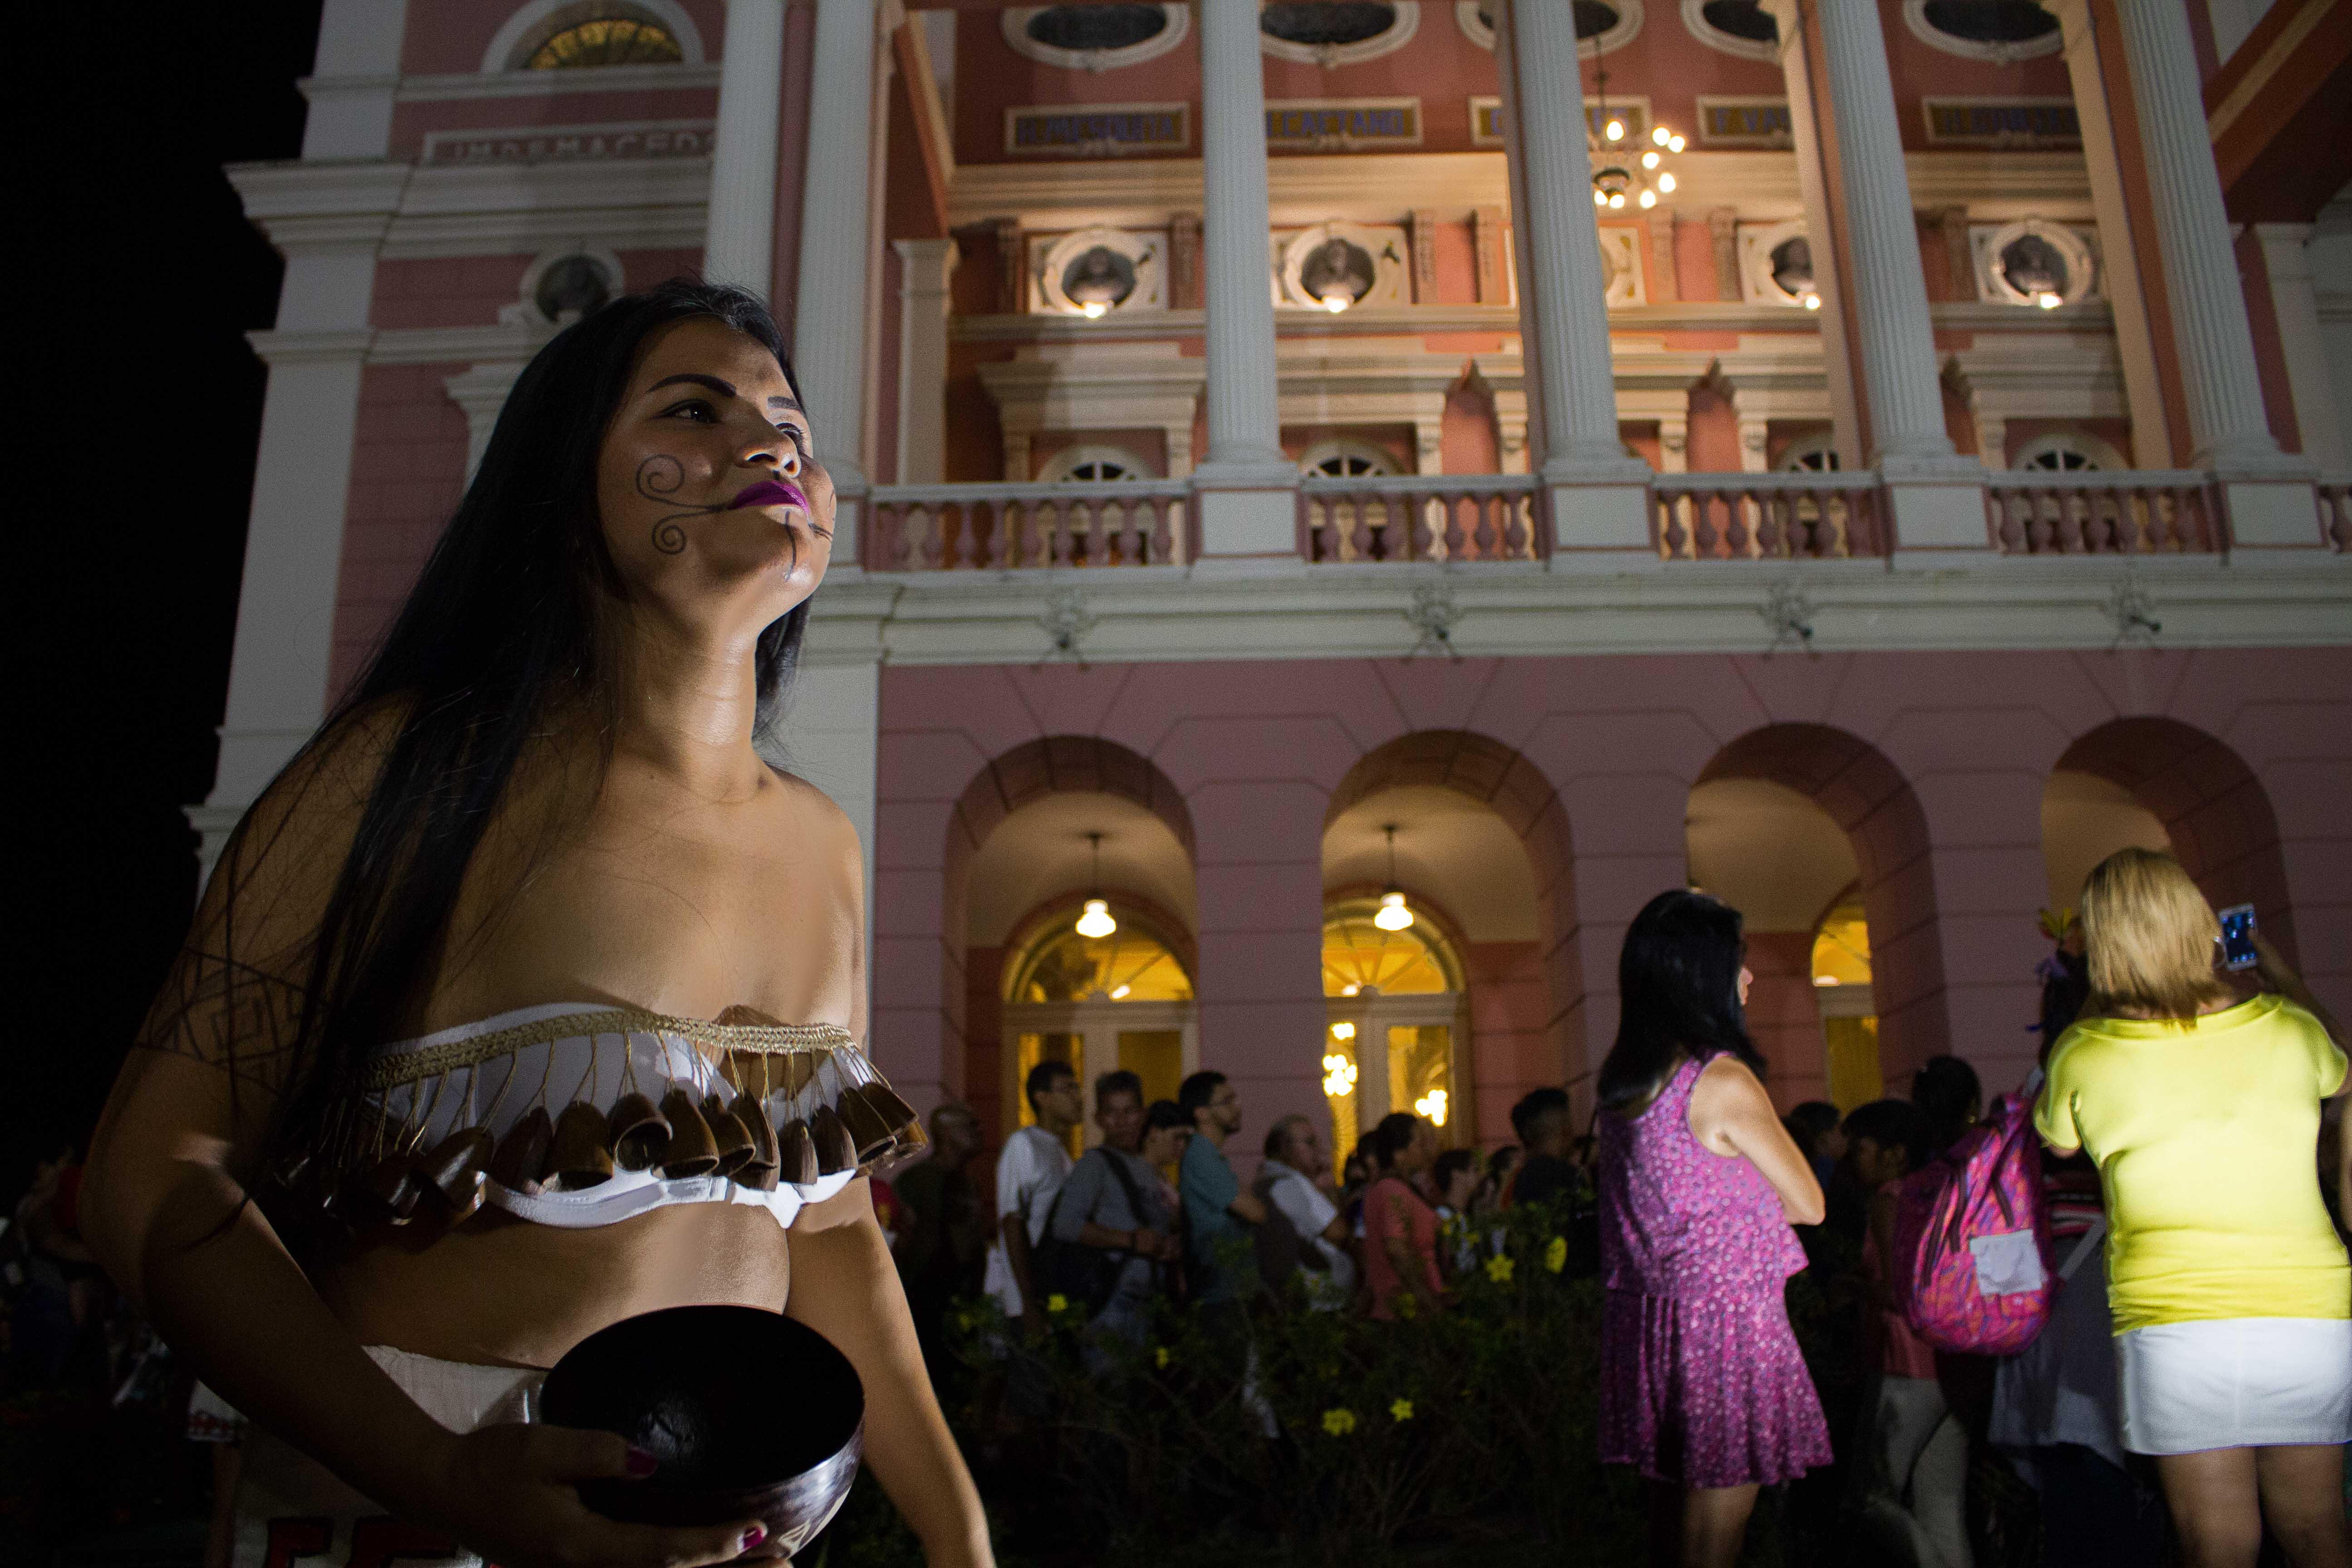 Em agosto tem shows de artistas indígenas no Teatro Amazonas e Jair Jacqmont no Inpa